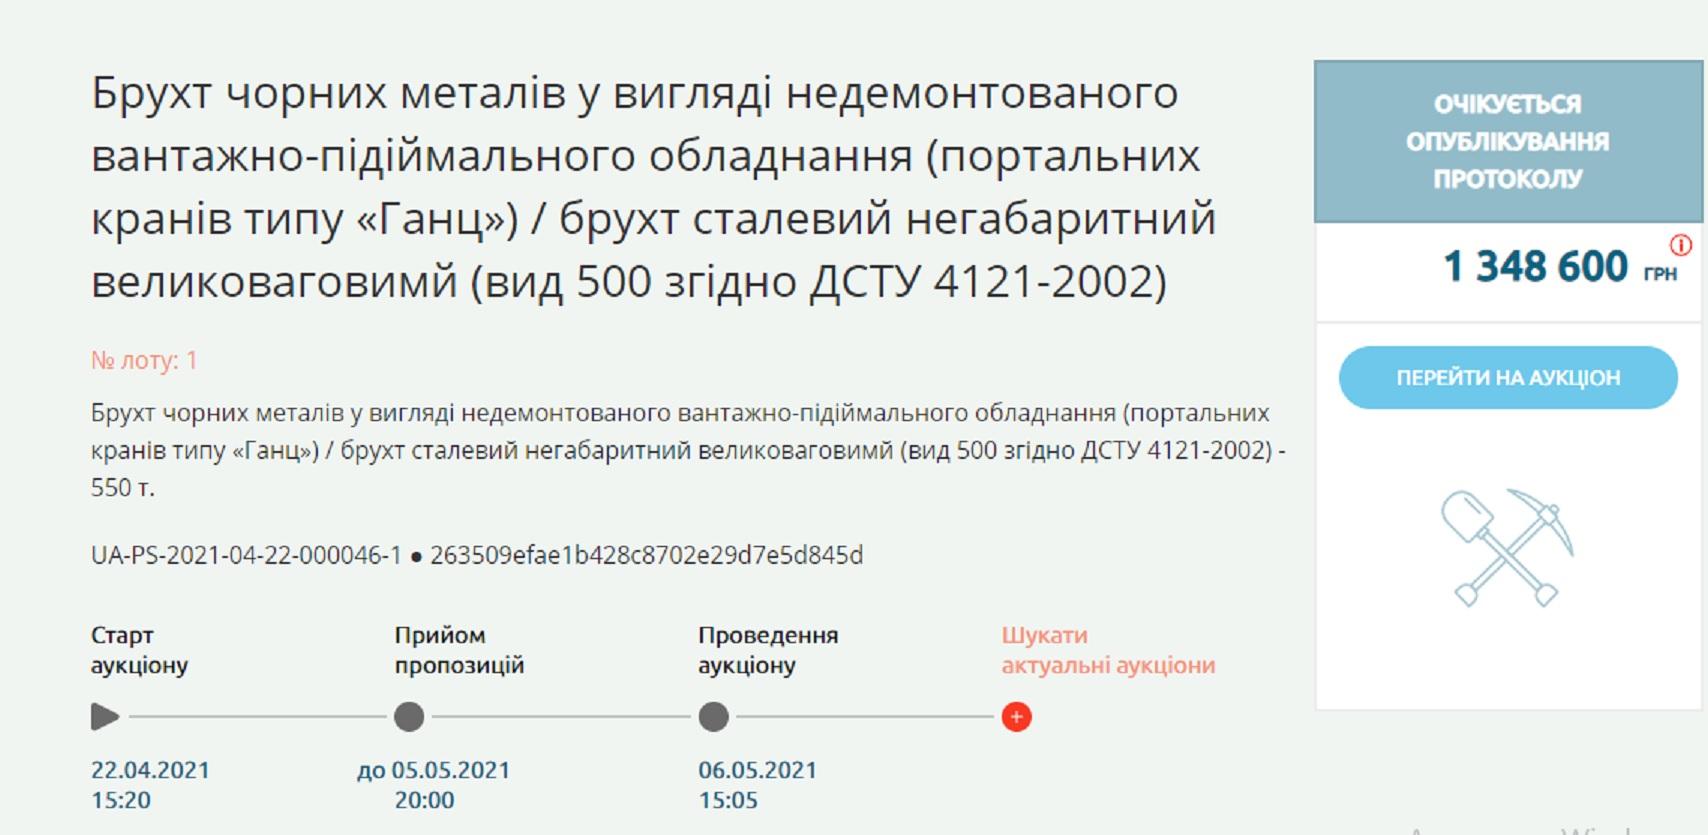 Ренийский порт выручил 2,4 млн грн на продаже кранов, списанных на металлолом